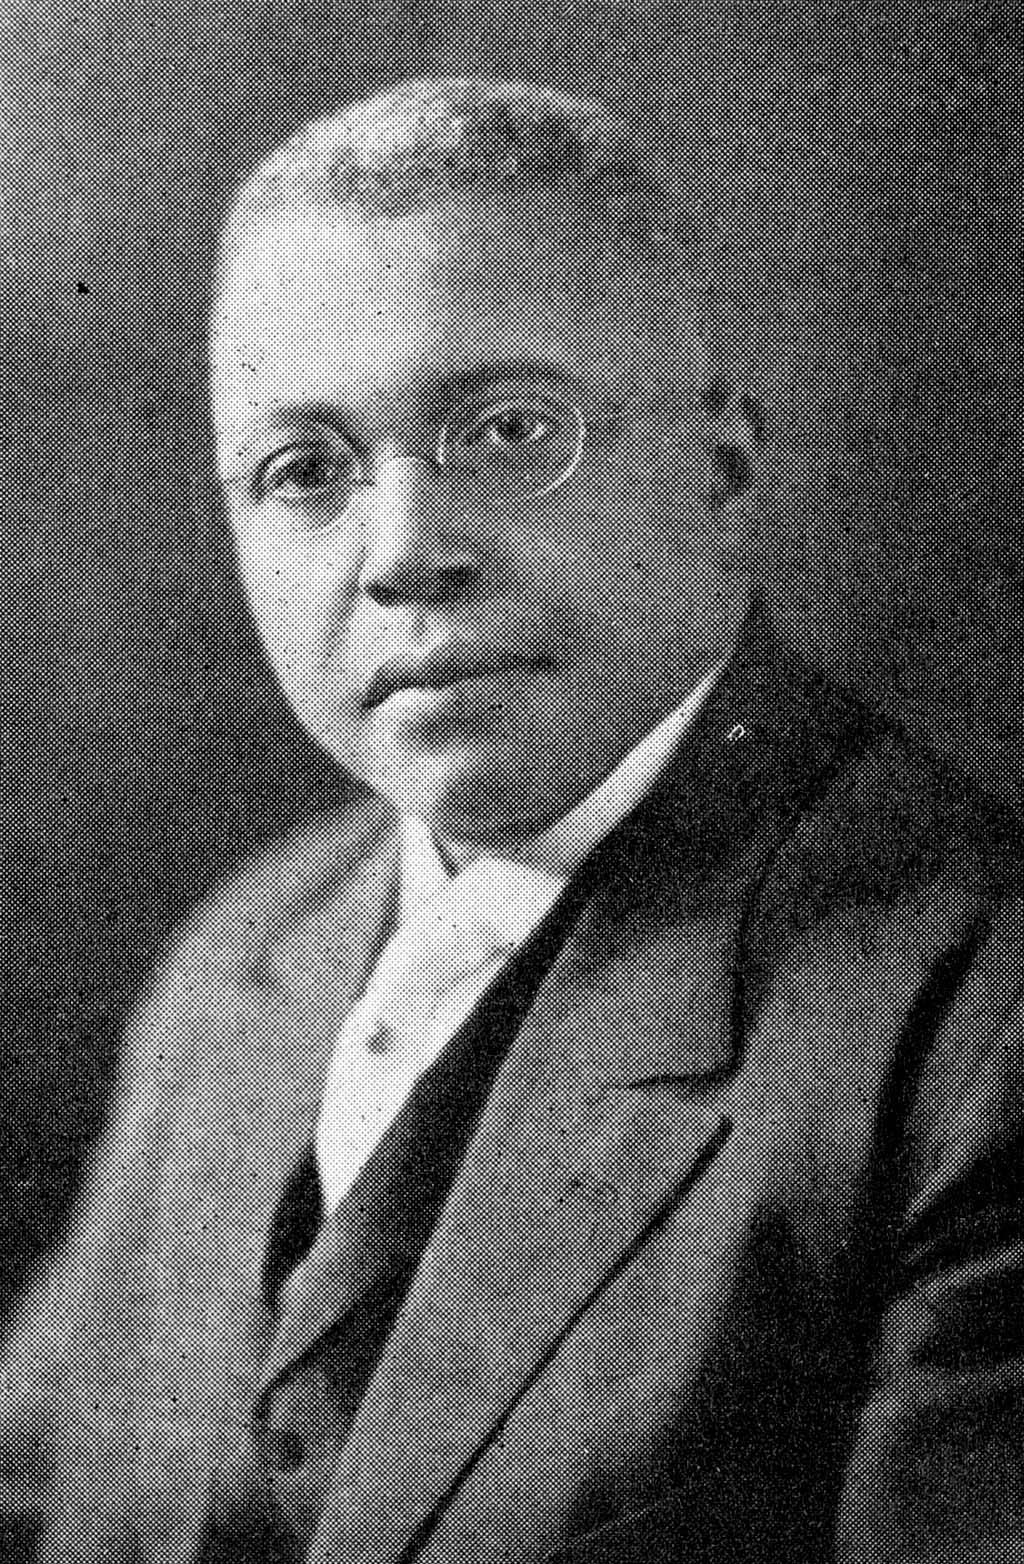 William Henry Jernagin